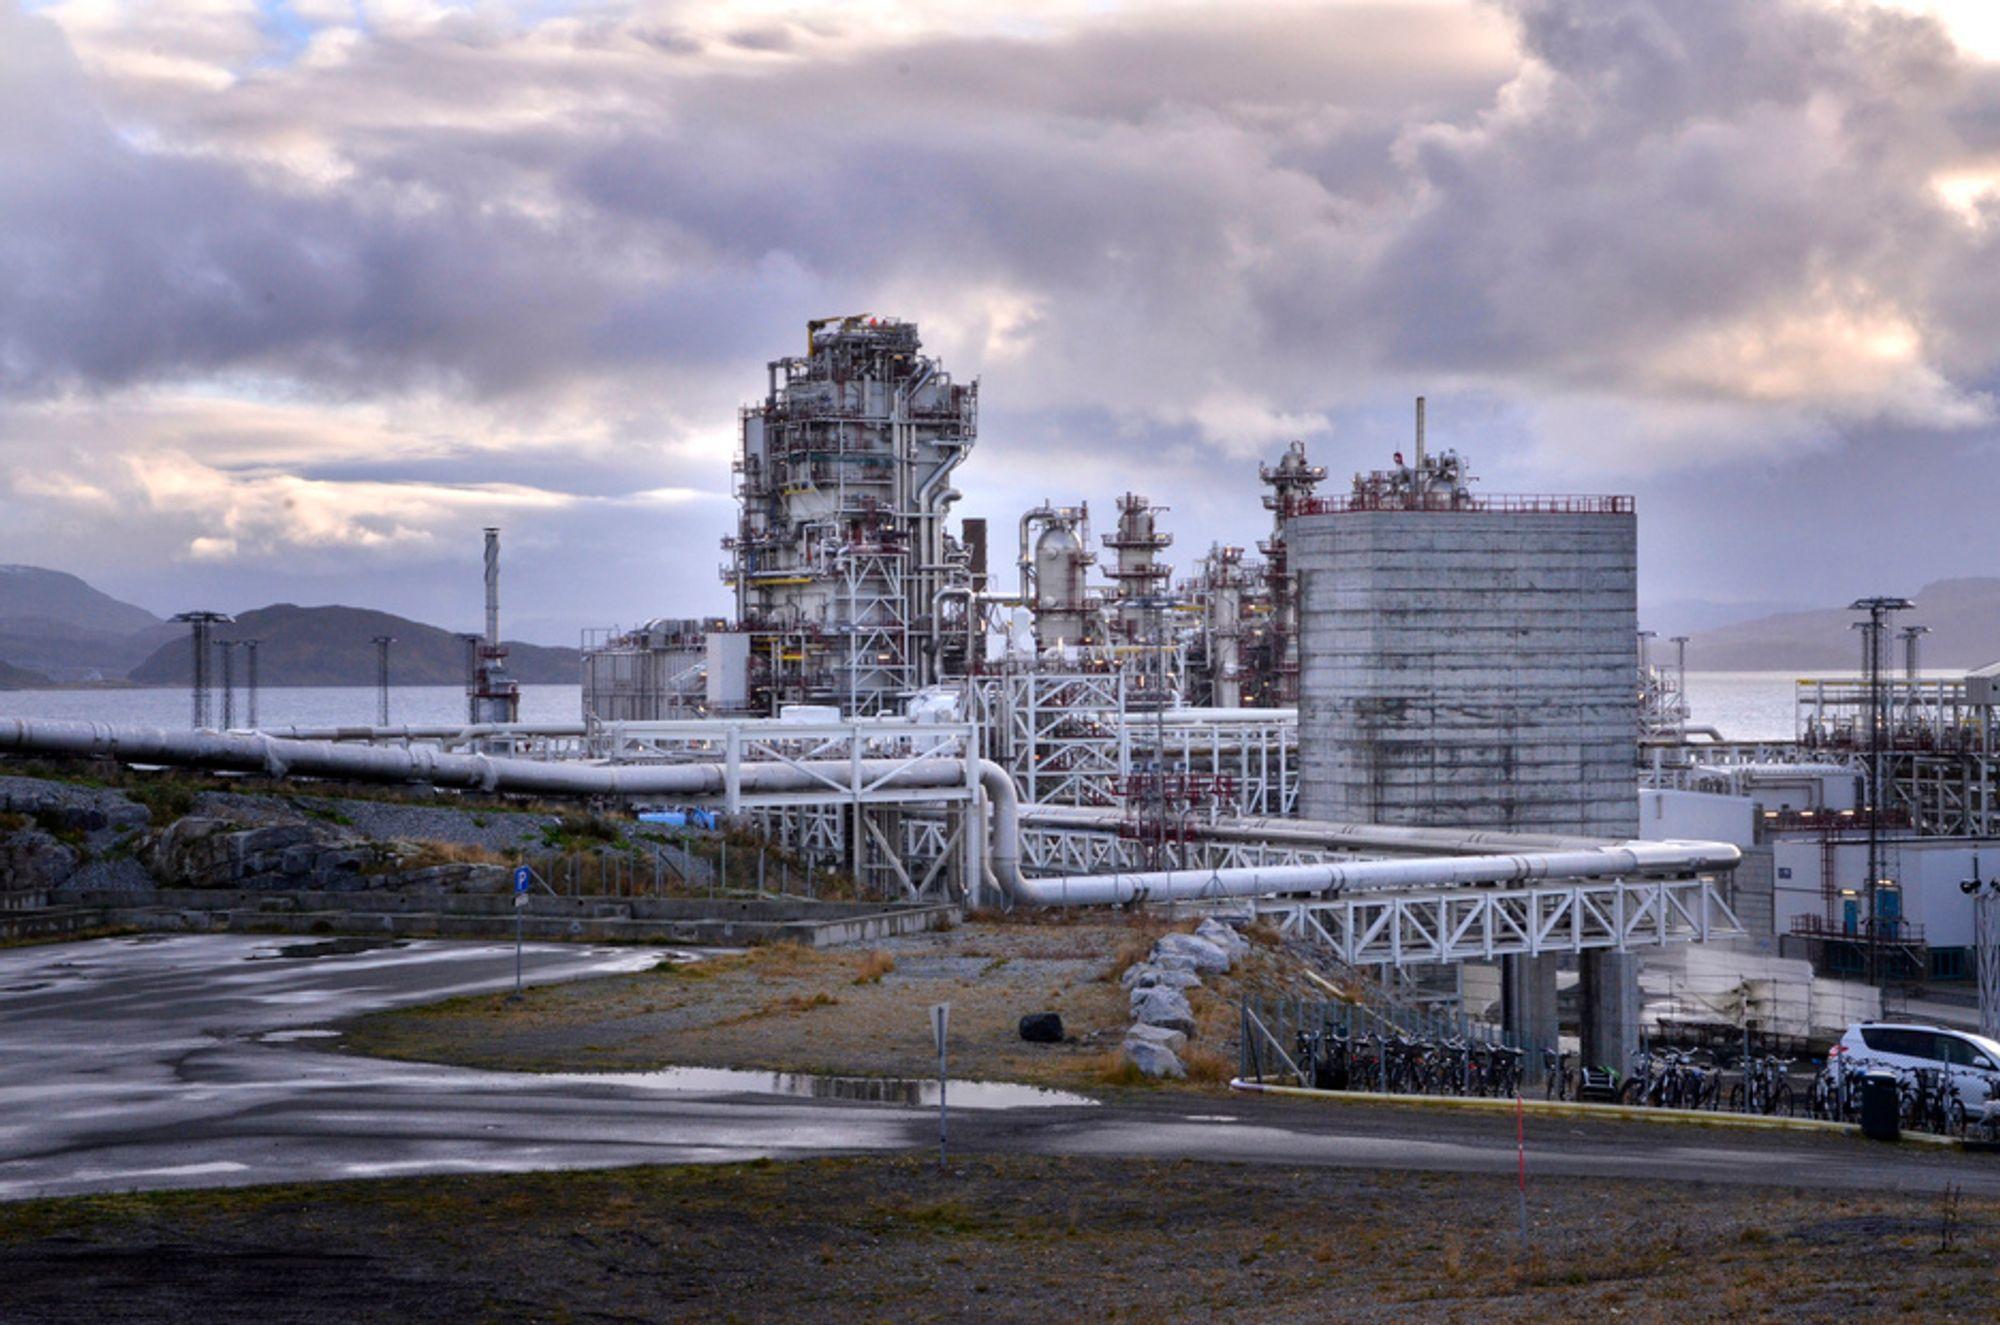 Ødelegger reservoaret: Statoil planlegger en kriseløsning for å redde Snøhvit-reservoaret for å bli forurenset av CO2.